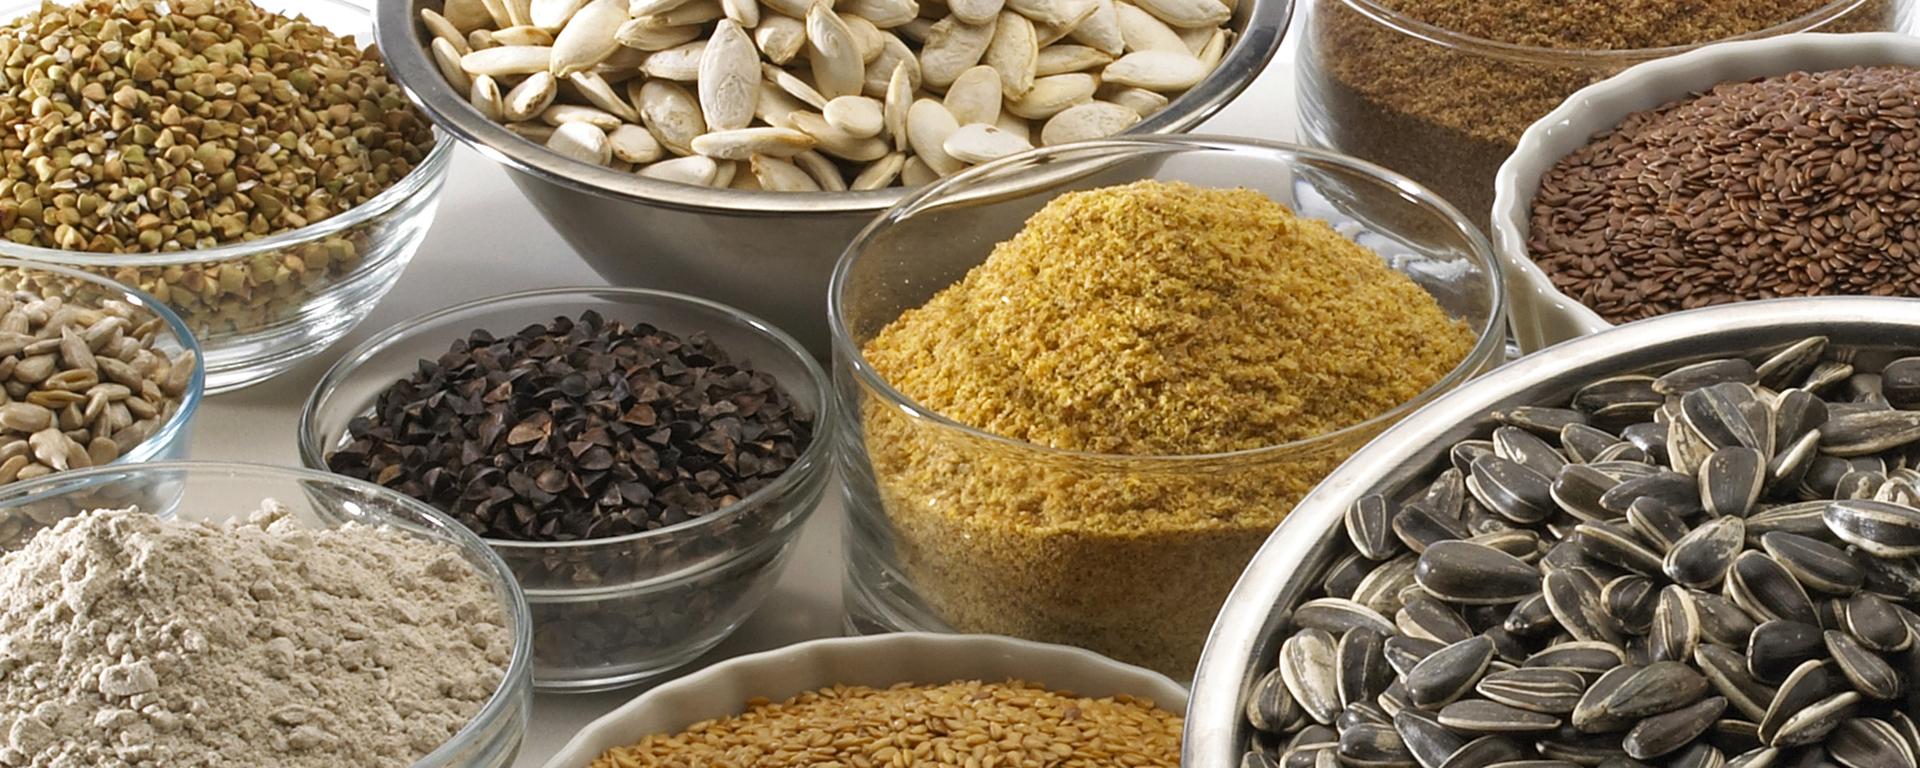 foods ingredients